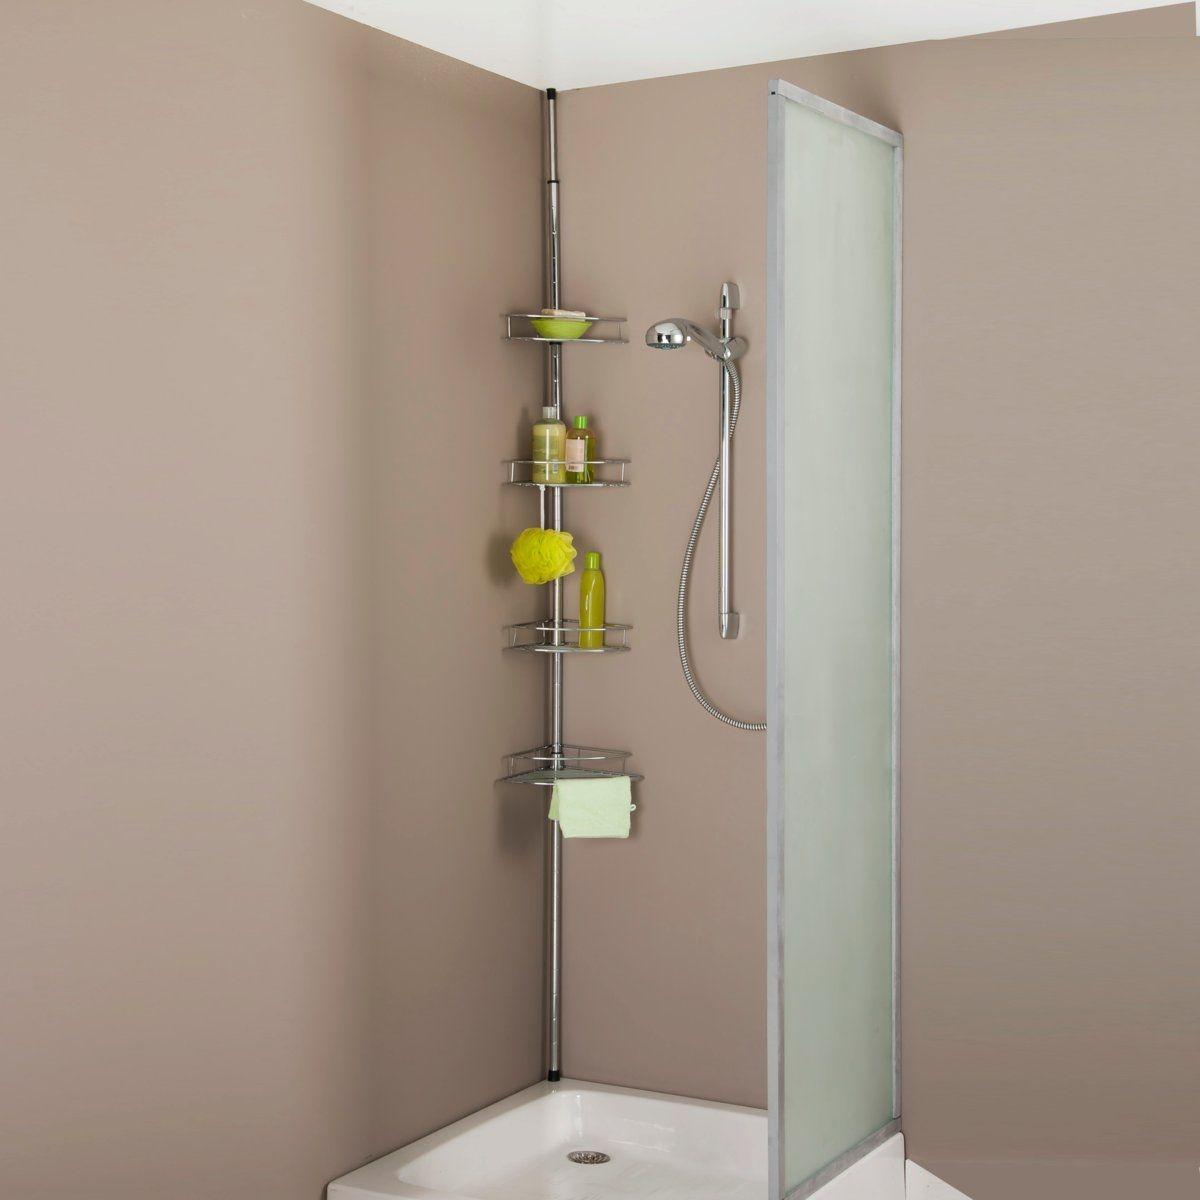 Accessoires Salle De Bain La Redoute ~ accessoires salle de bain